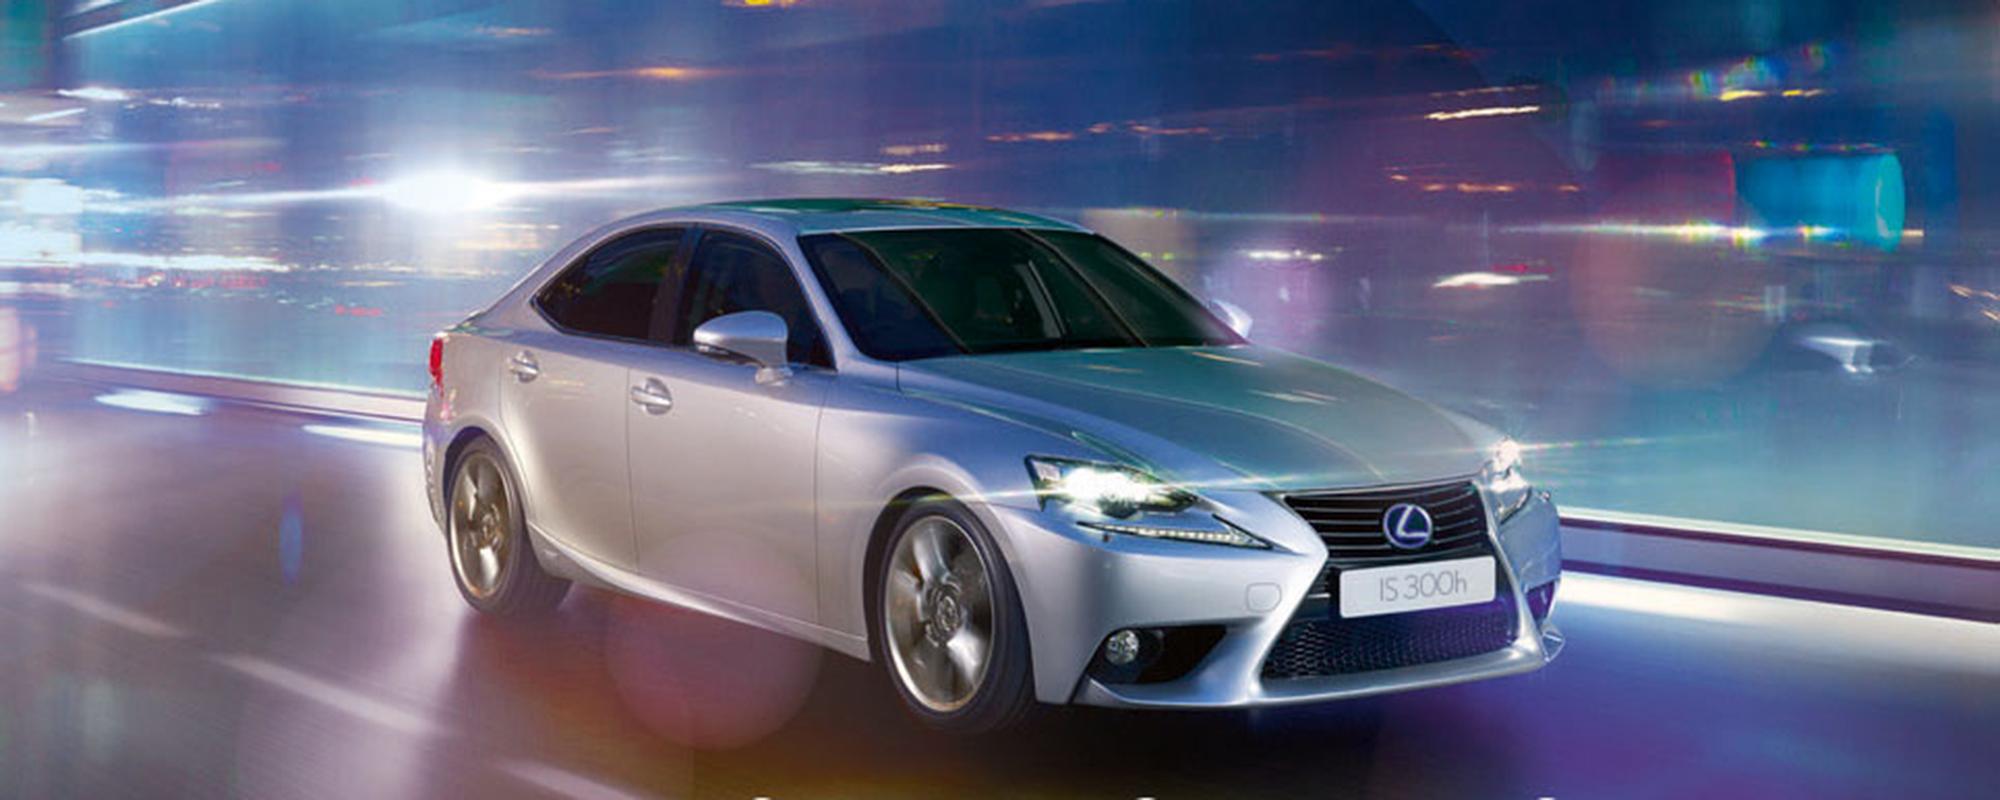 Nationaal onderzoek: Nederlander zou steeds luxere auto willen